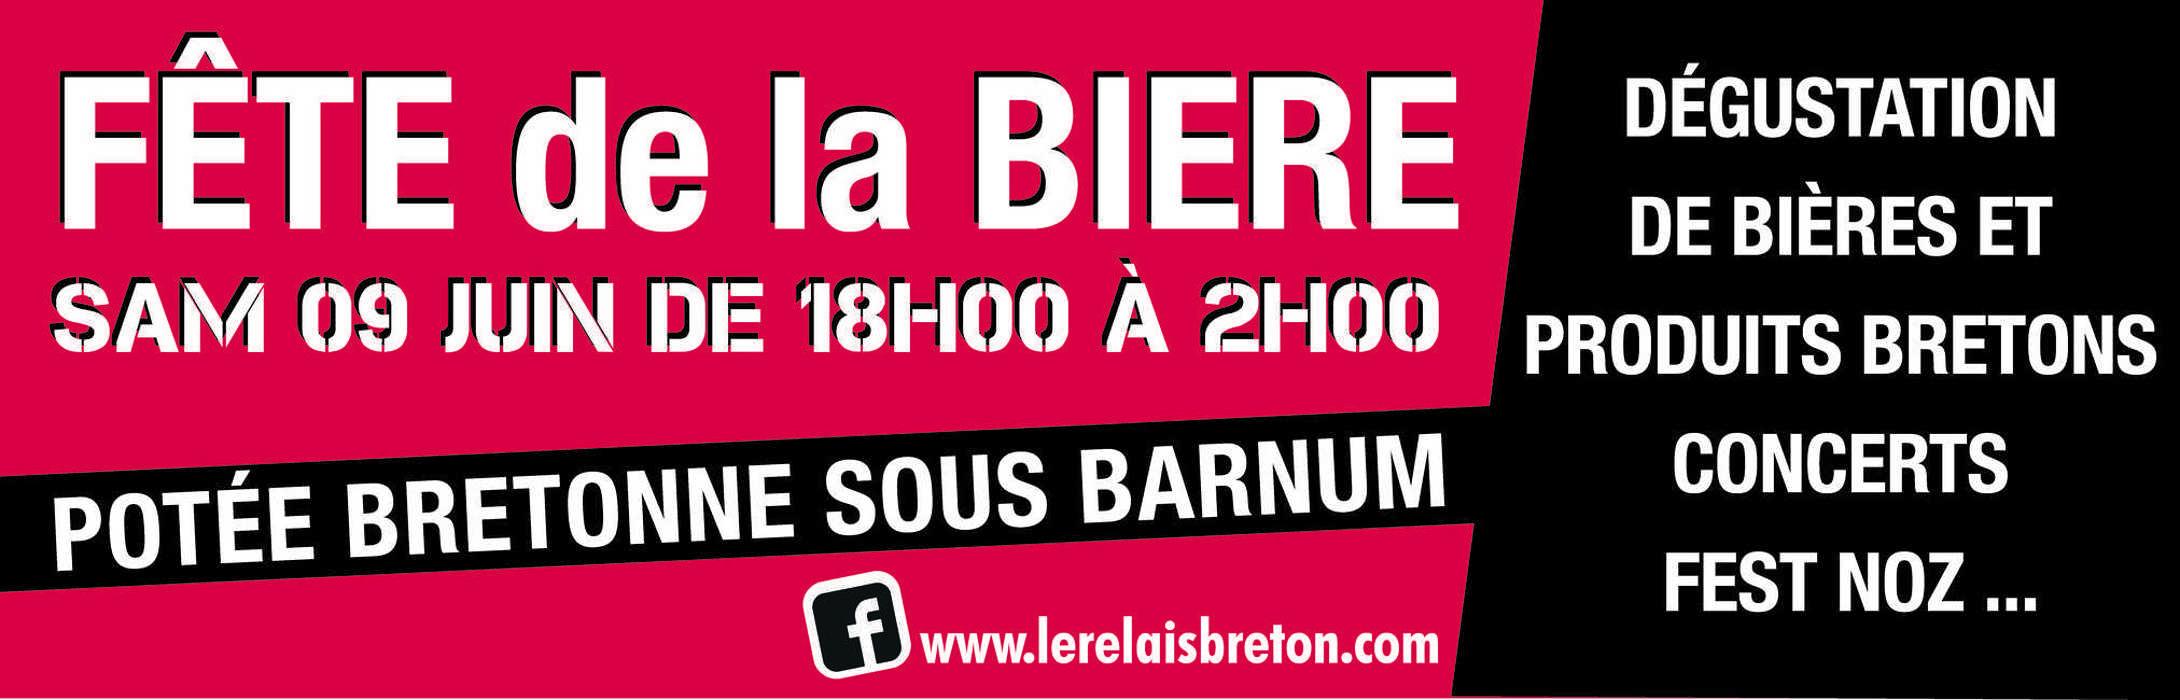 Fête de la bière au Relais Breton affichefdlb